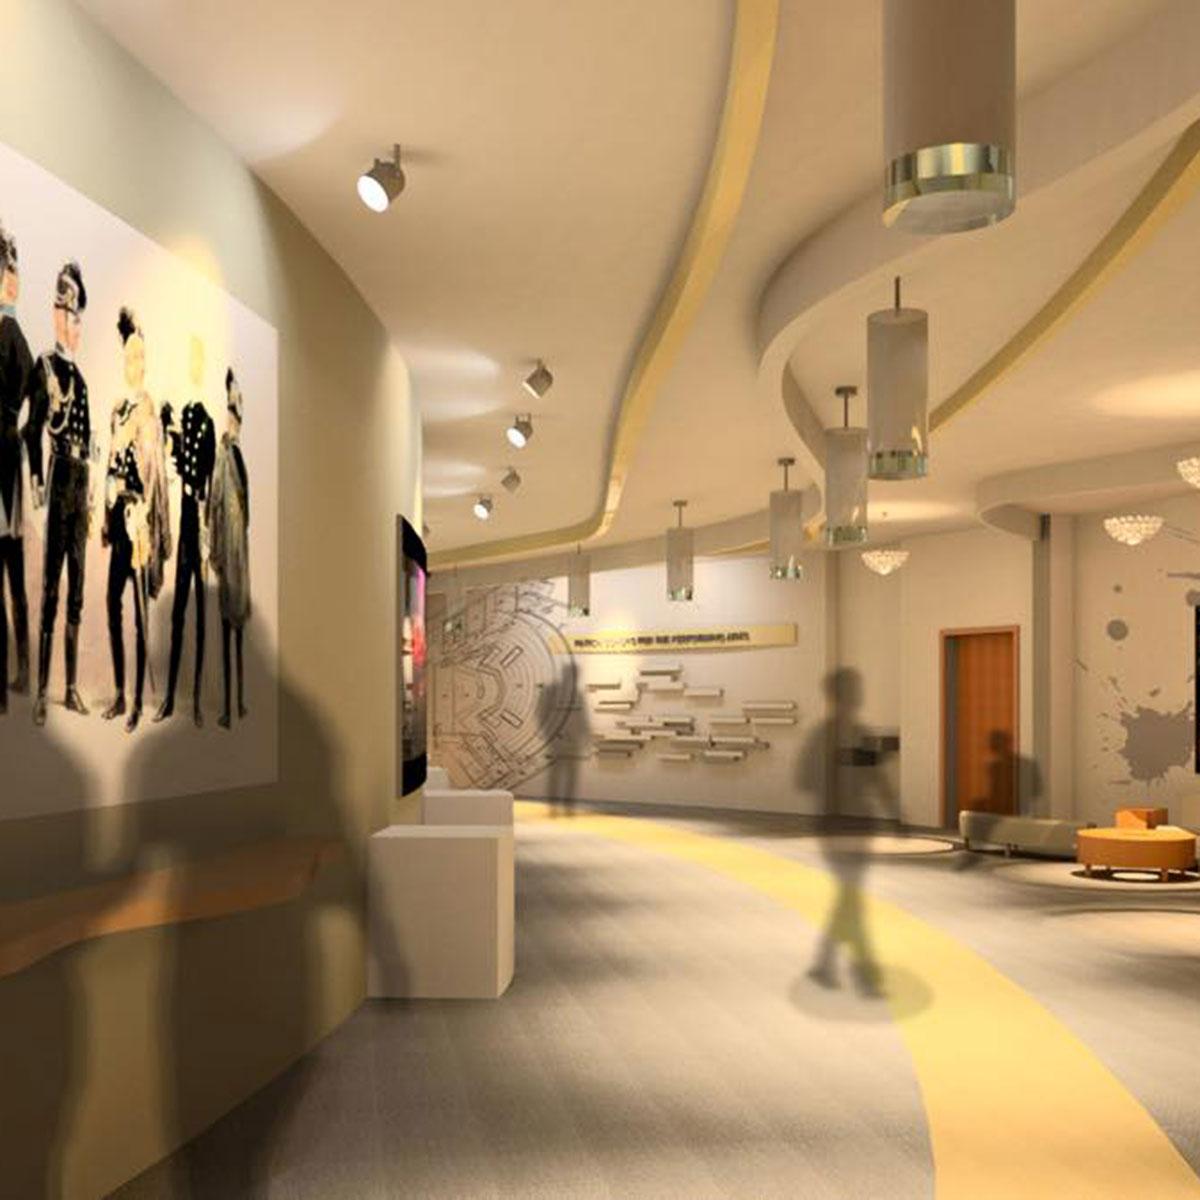 Portfolio - Nau interior design degree progression plan ...